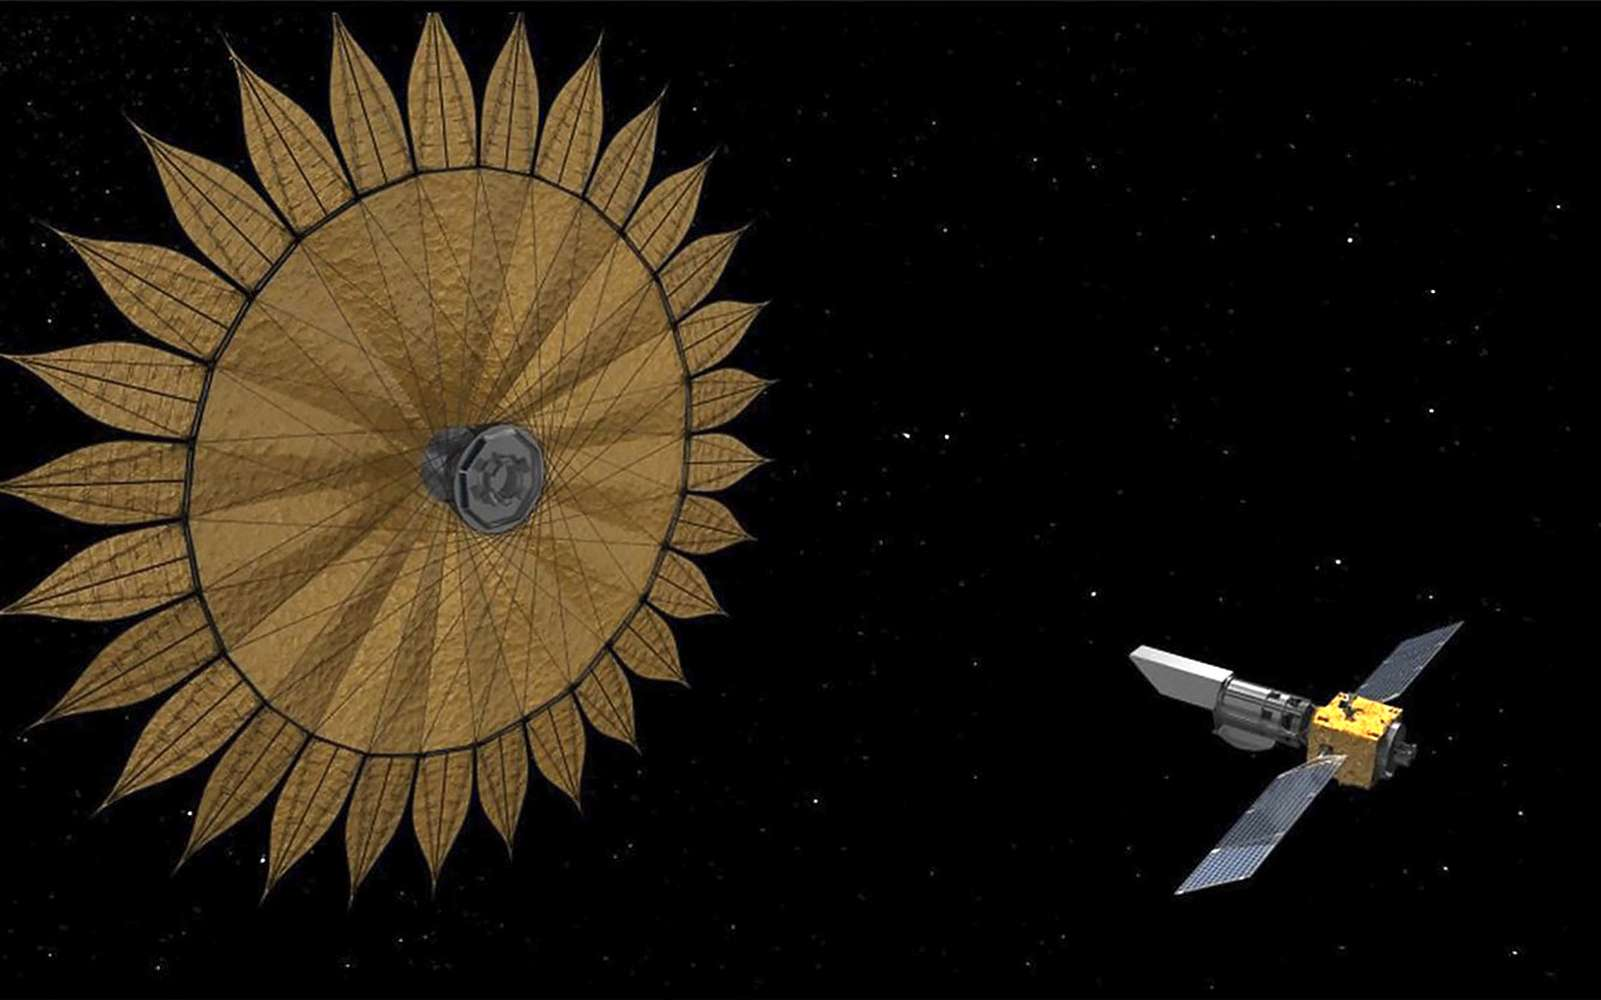 Concept à l'étude pour la mission Habex avec un gigantesque occulteur en forme de pétale (starshade) pour bloquer la lumière parasite des étoiles. © Nasa, JPL